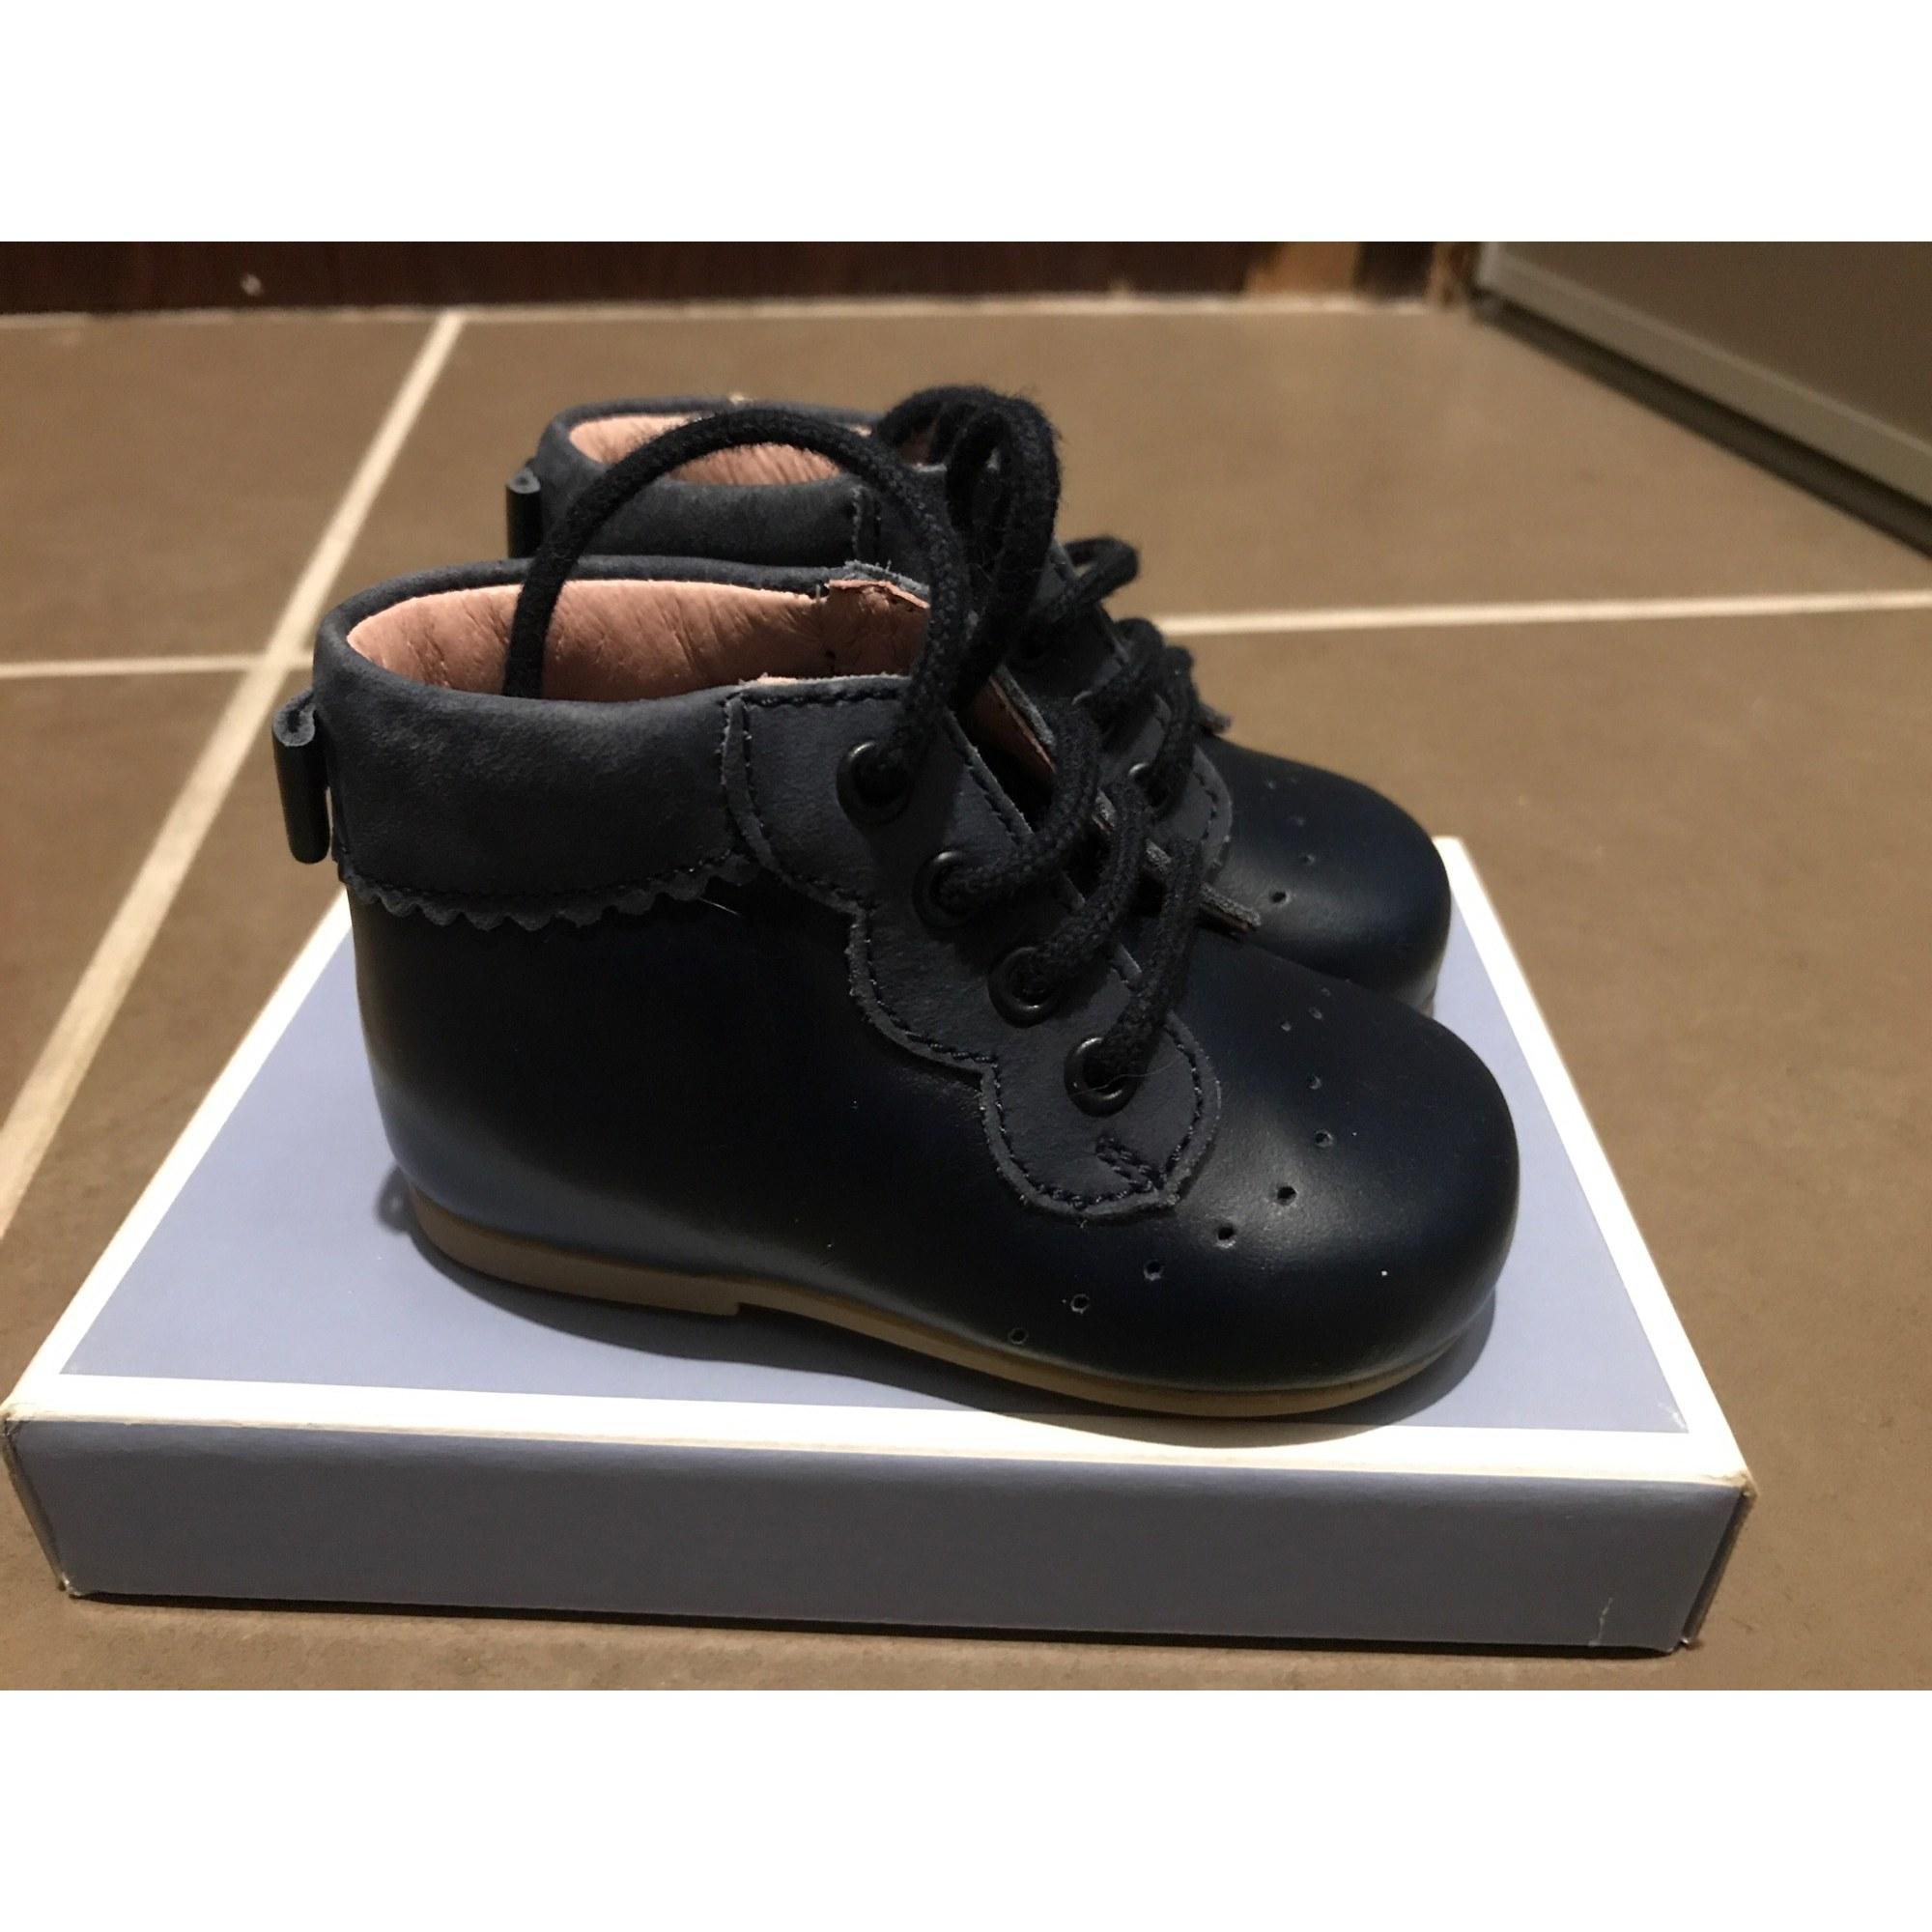 31fa52d724075 Chaussures à lacets JACADI 9 mois bleu vendu par Sunsun154745 - 6434121